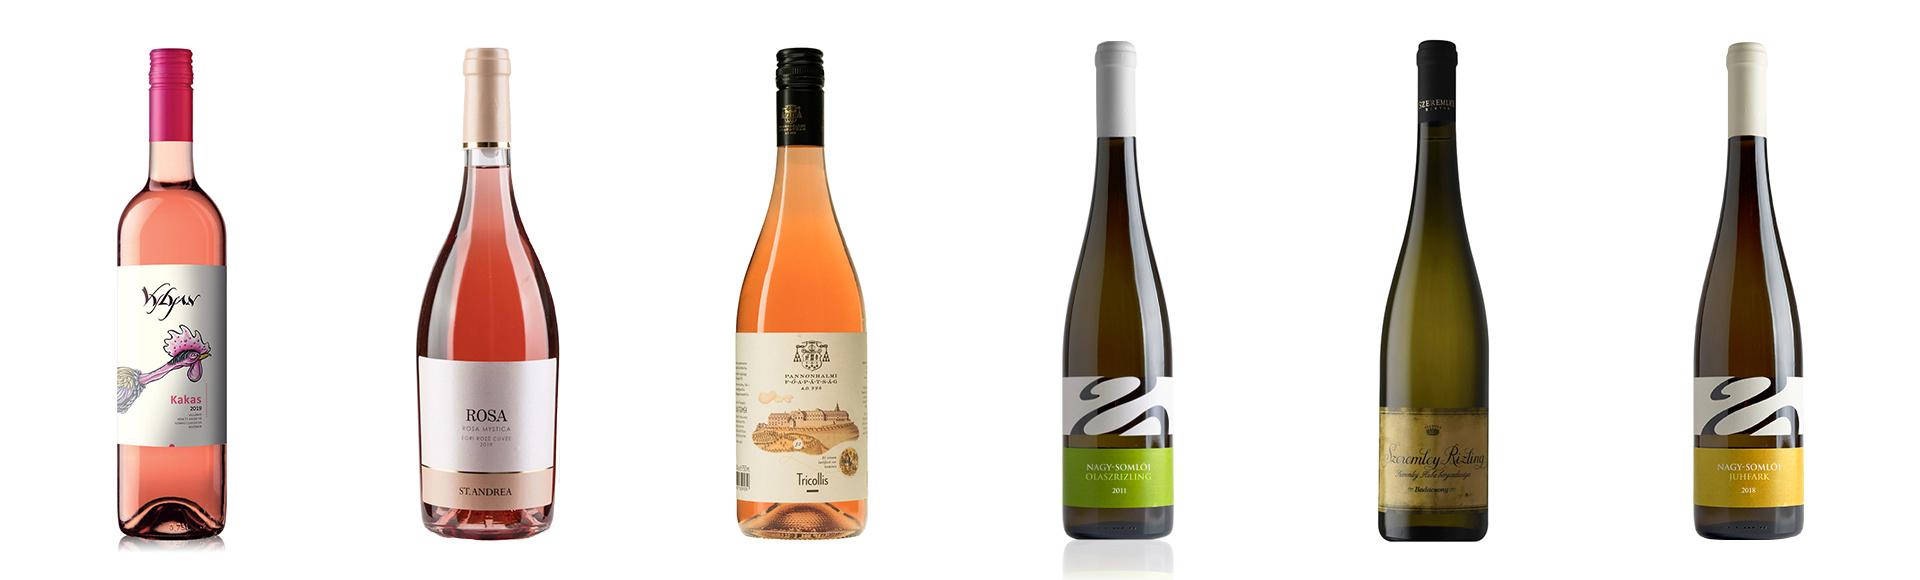 Wijnpakket met 3 rosés en 3 witte wijnen